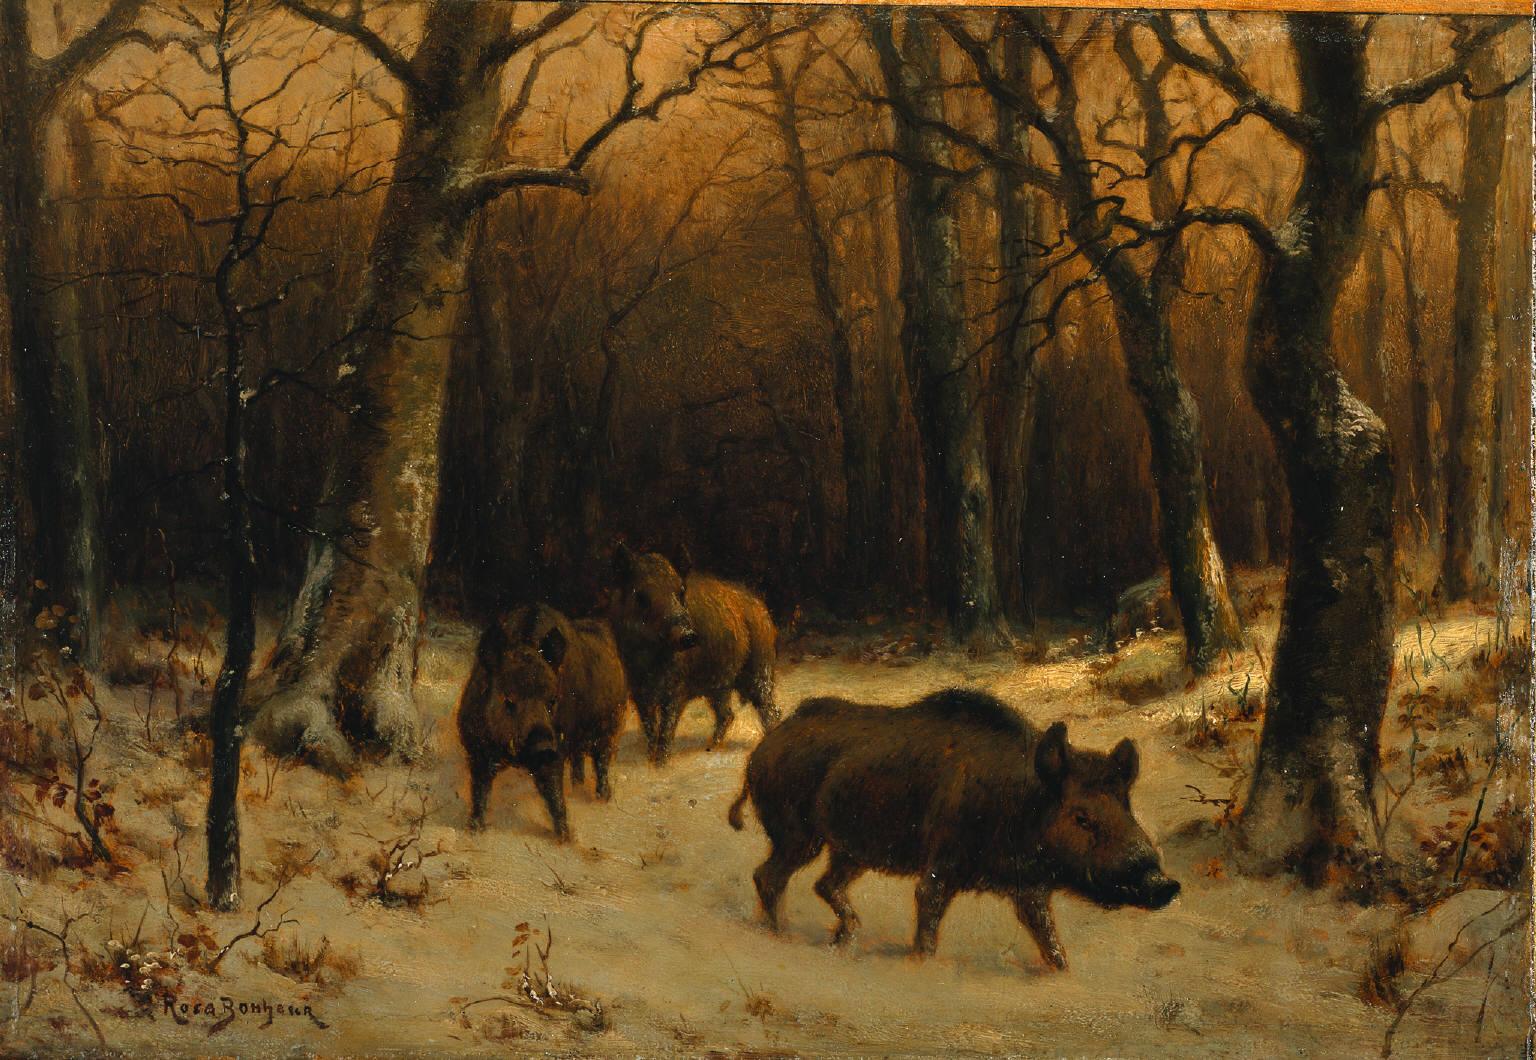 Sangliers dans la neige - Rosa Bonheur, c. 1870 - Dominio público